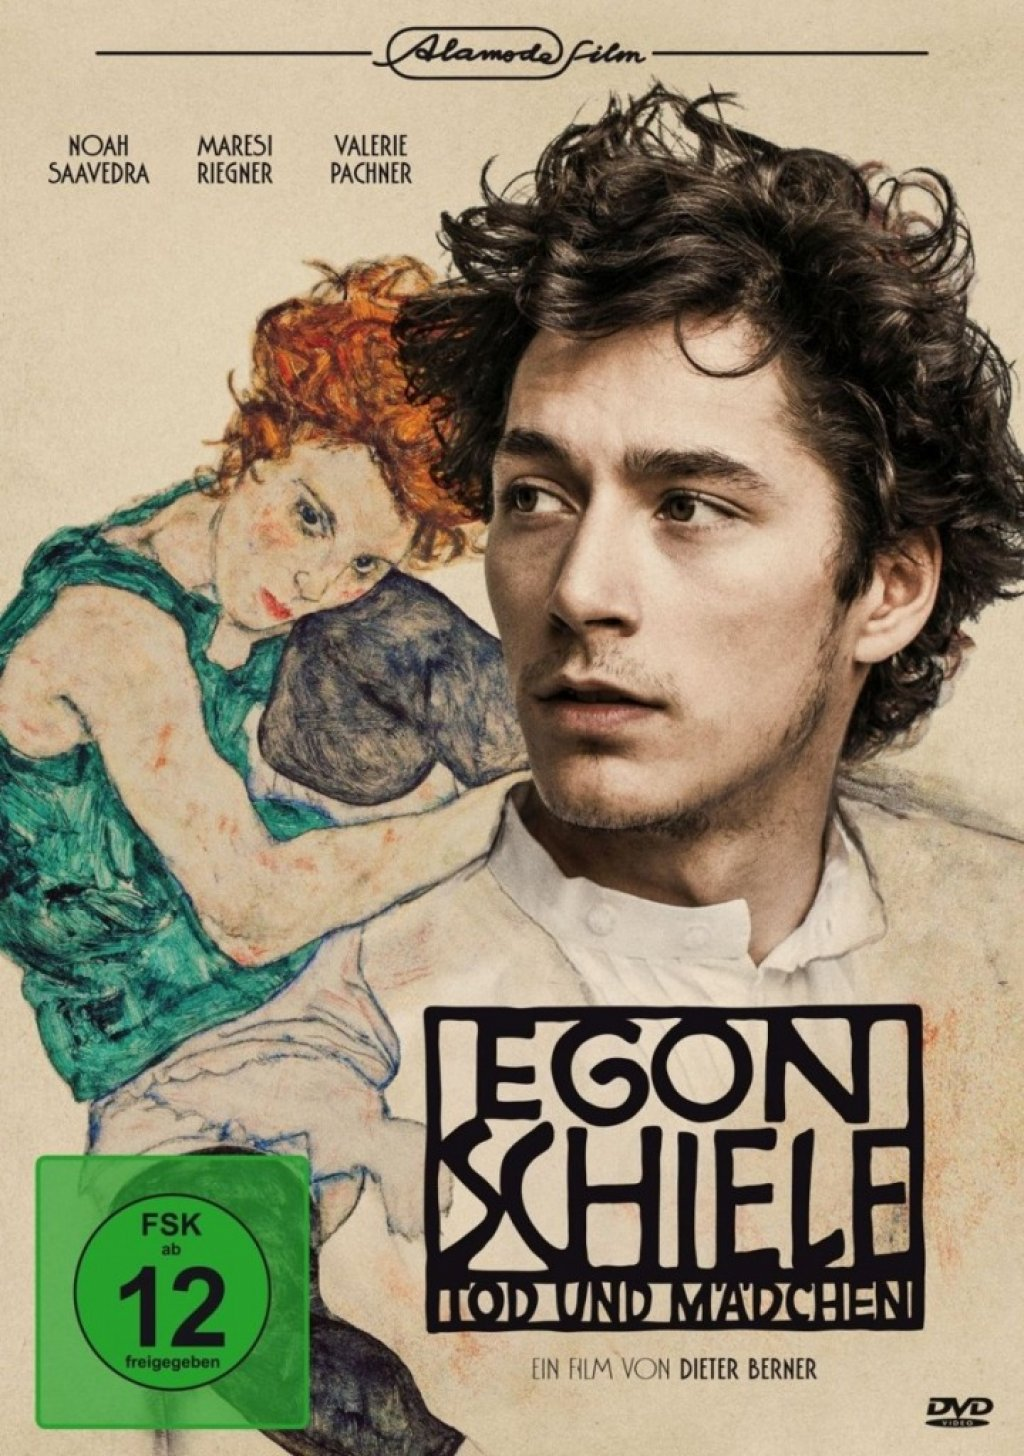 Egon Schiele - Tod und Mädchen (DVD)